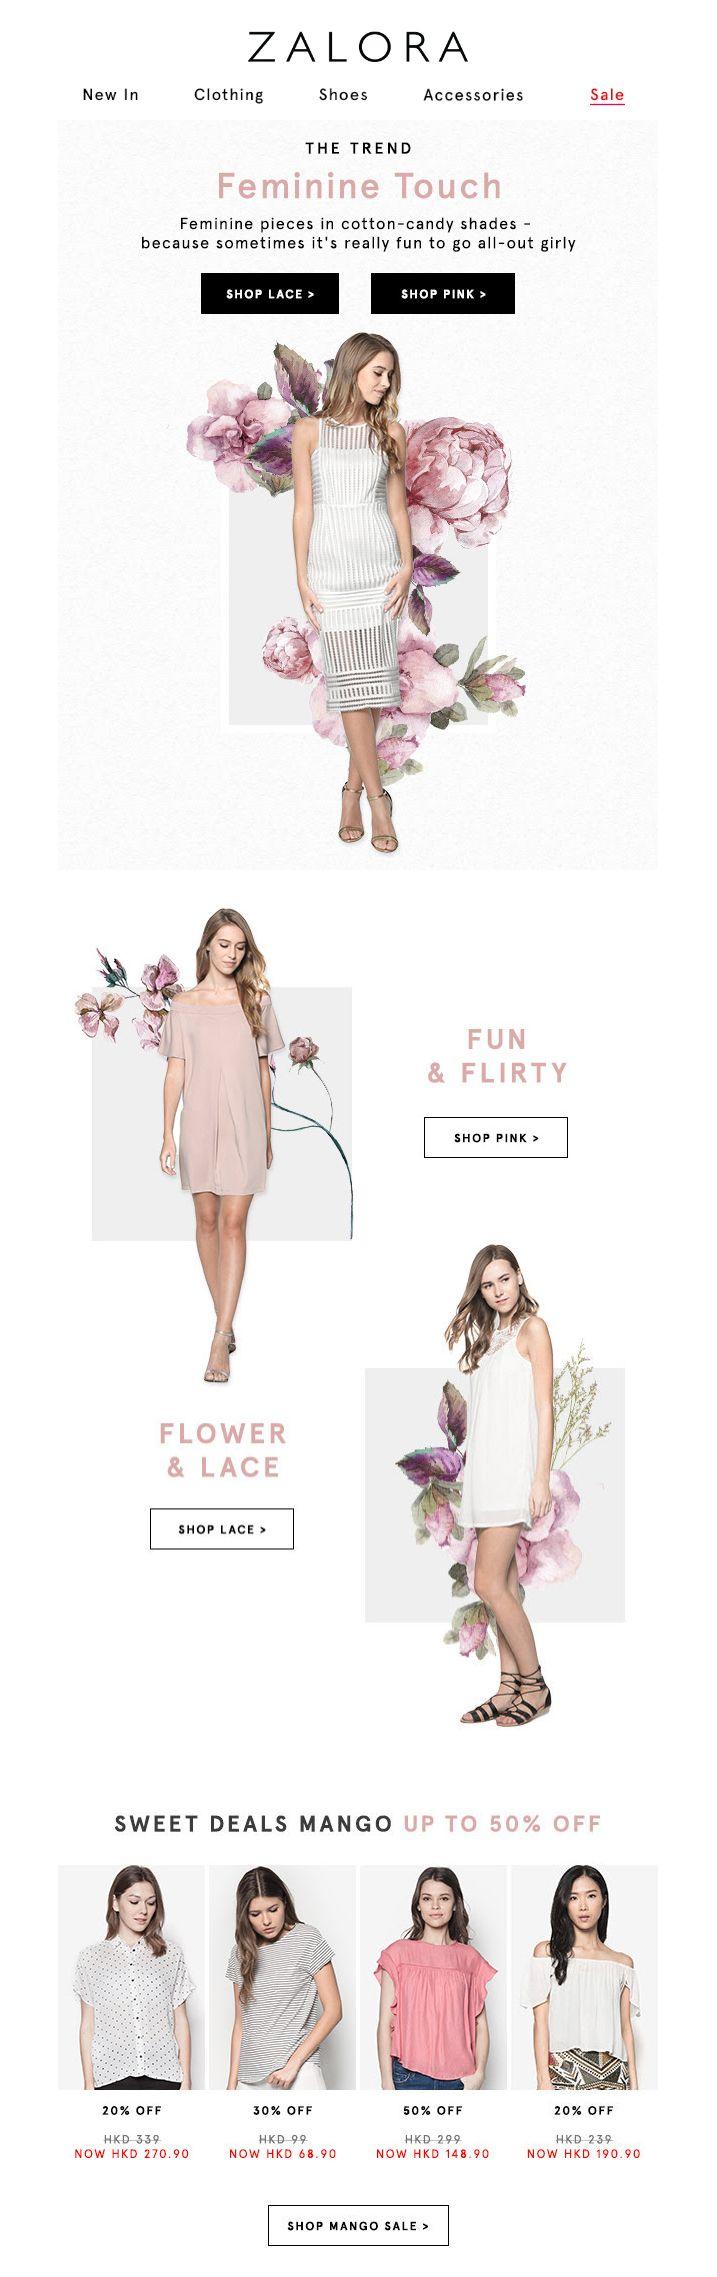 #web #weblayout #website #newsletter #email #flower #floral #summer #sale